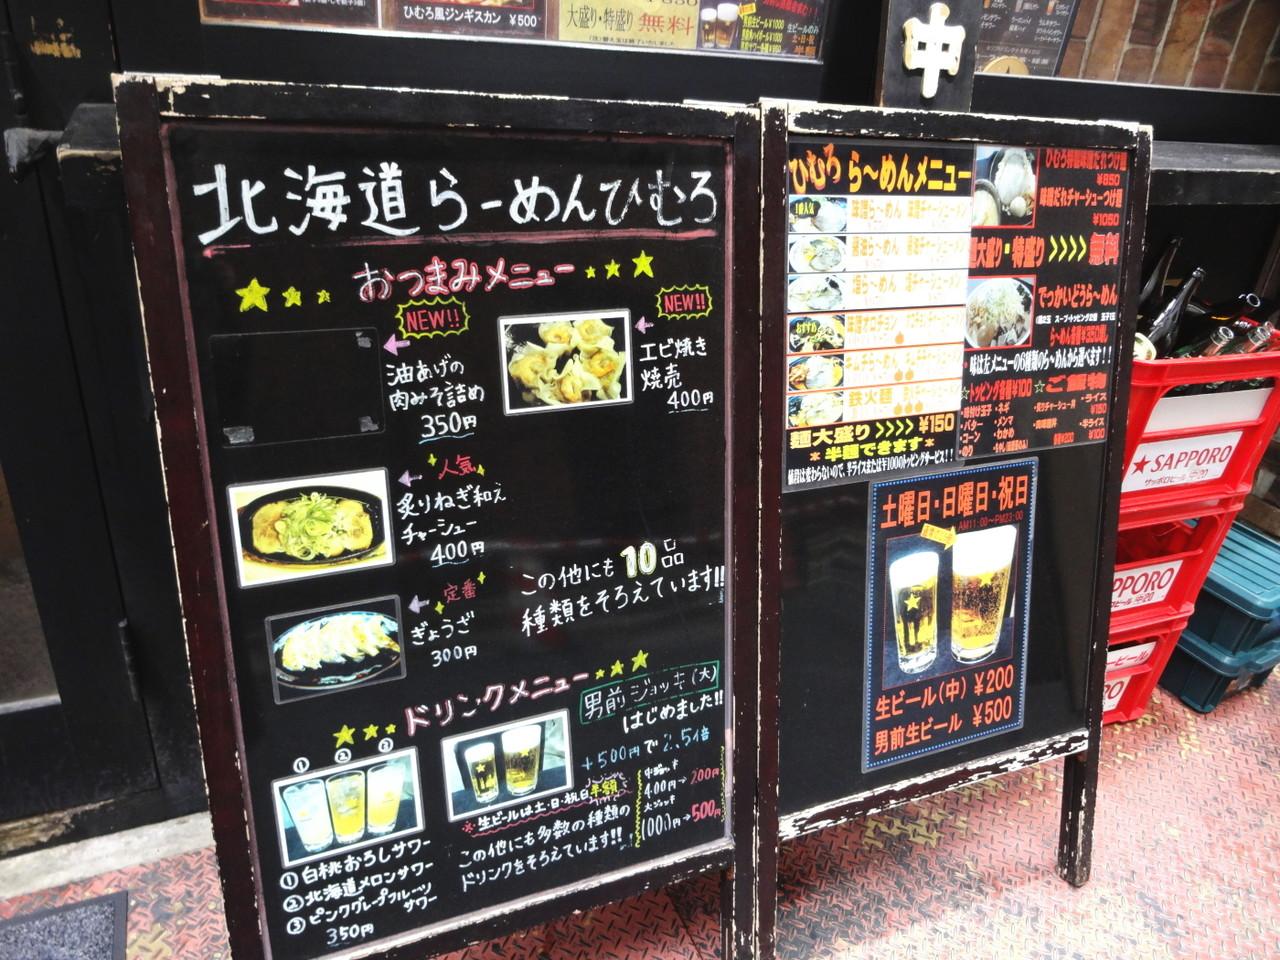 ひむろ有楽町店 メニュー